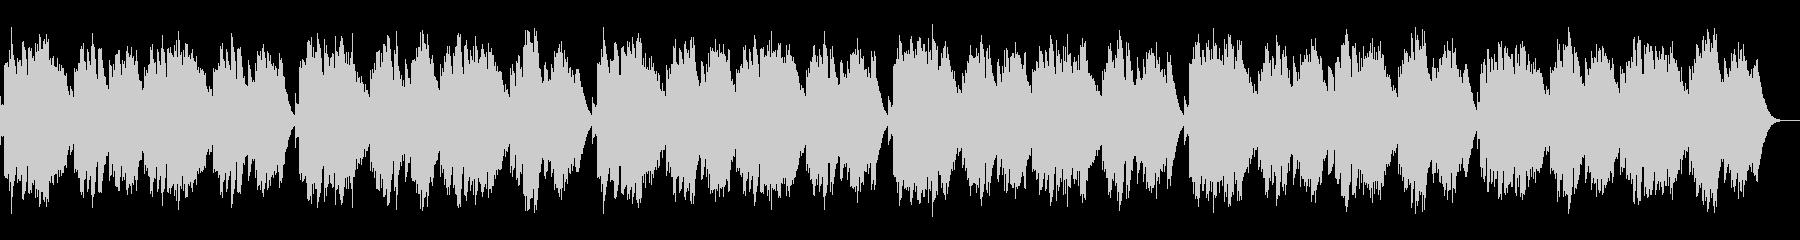 蛍の光 / オルゴール版の未再生の波形